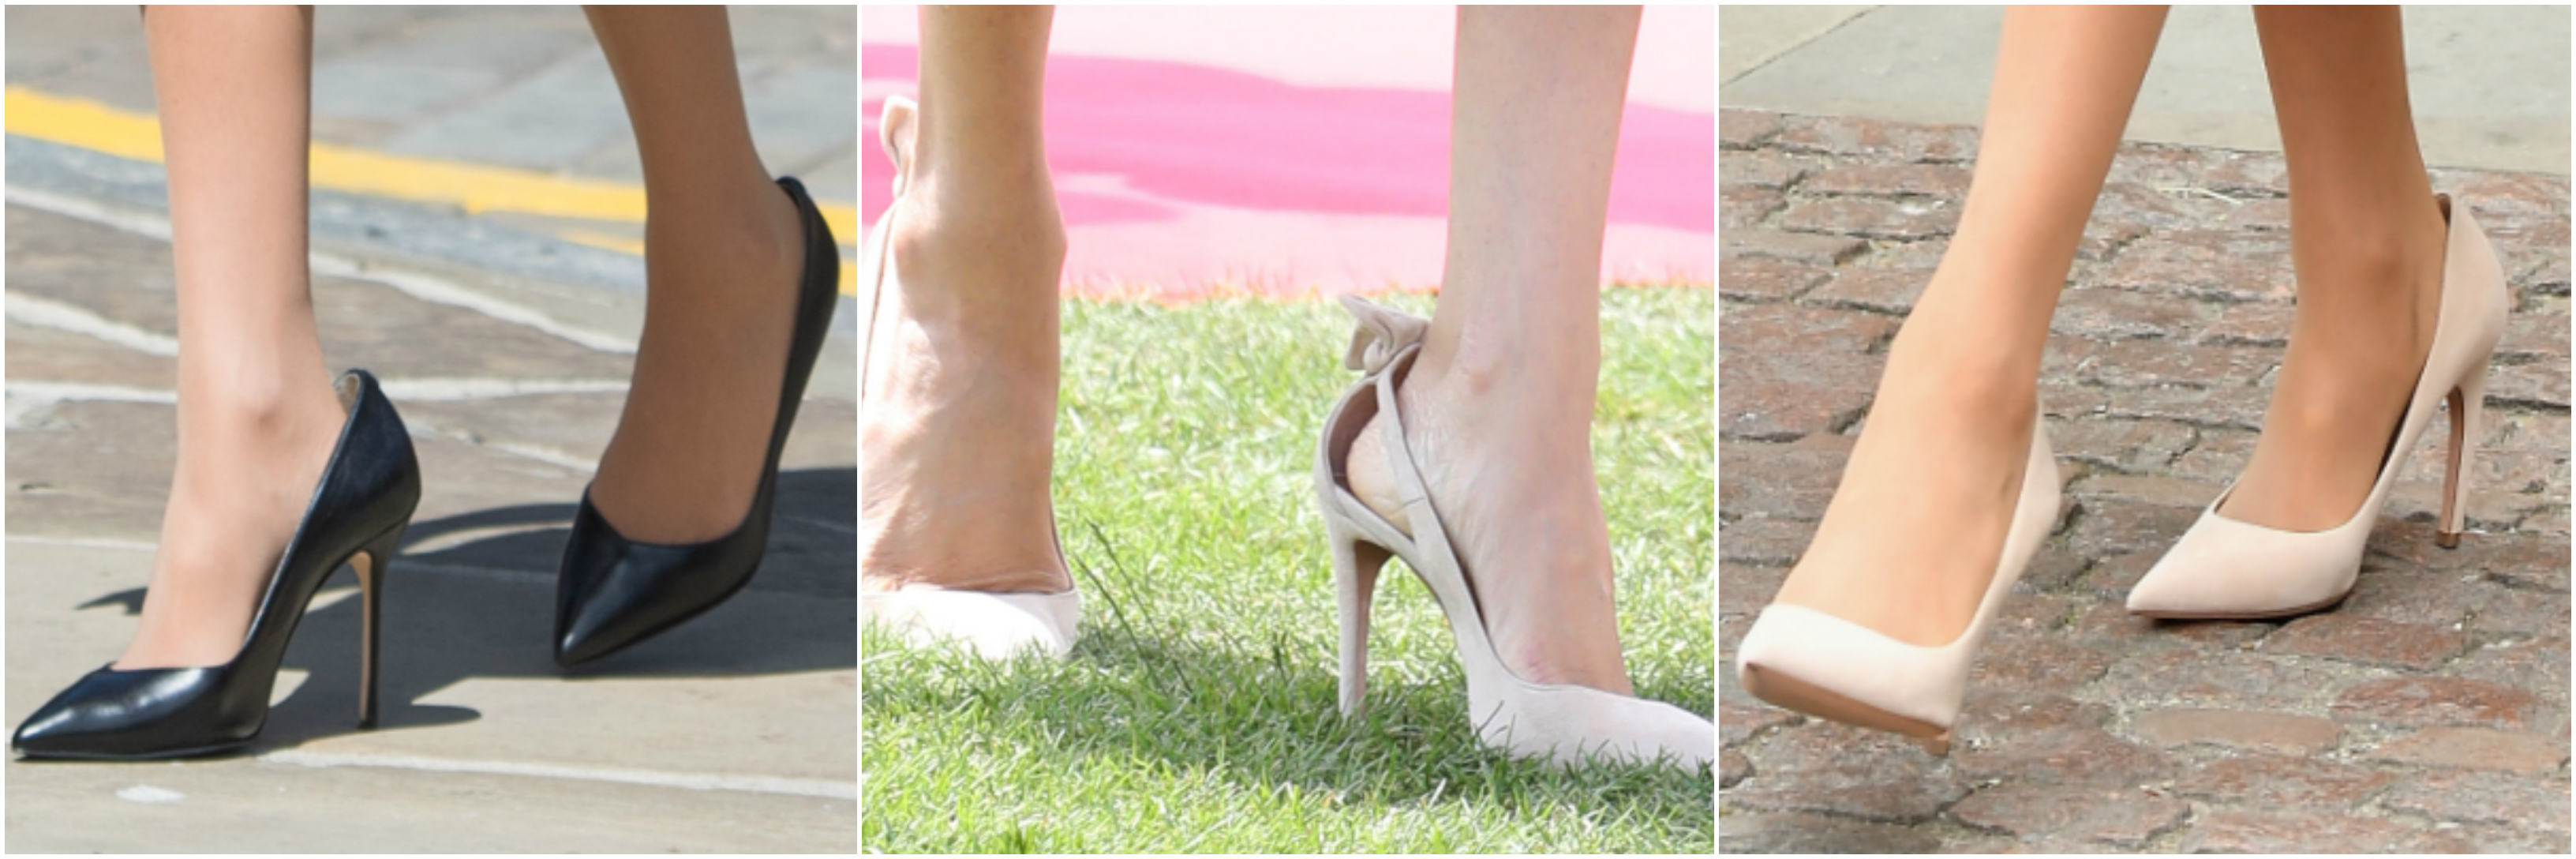 Meghan markle schoenen